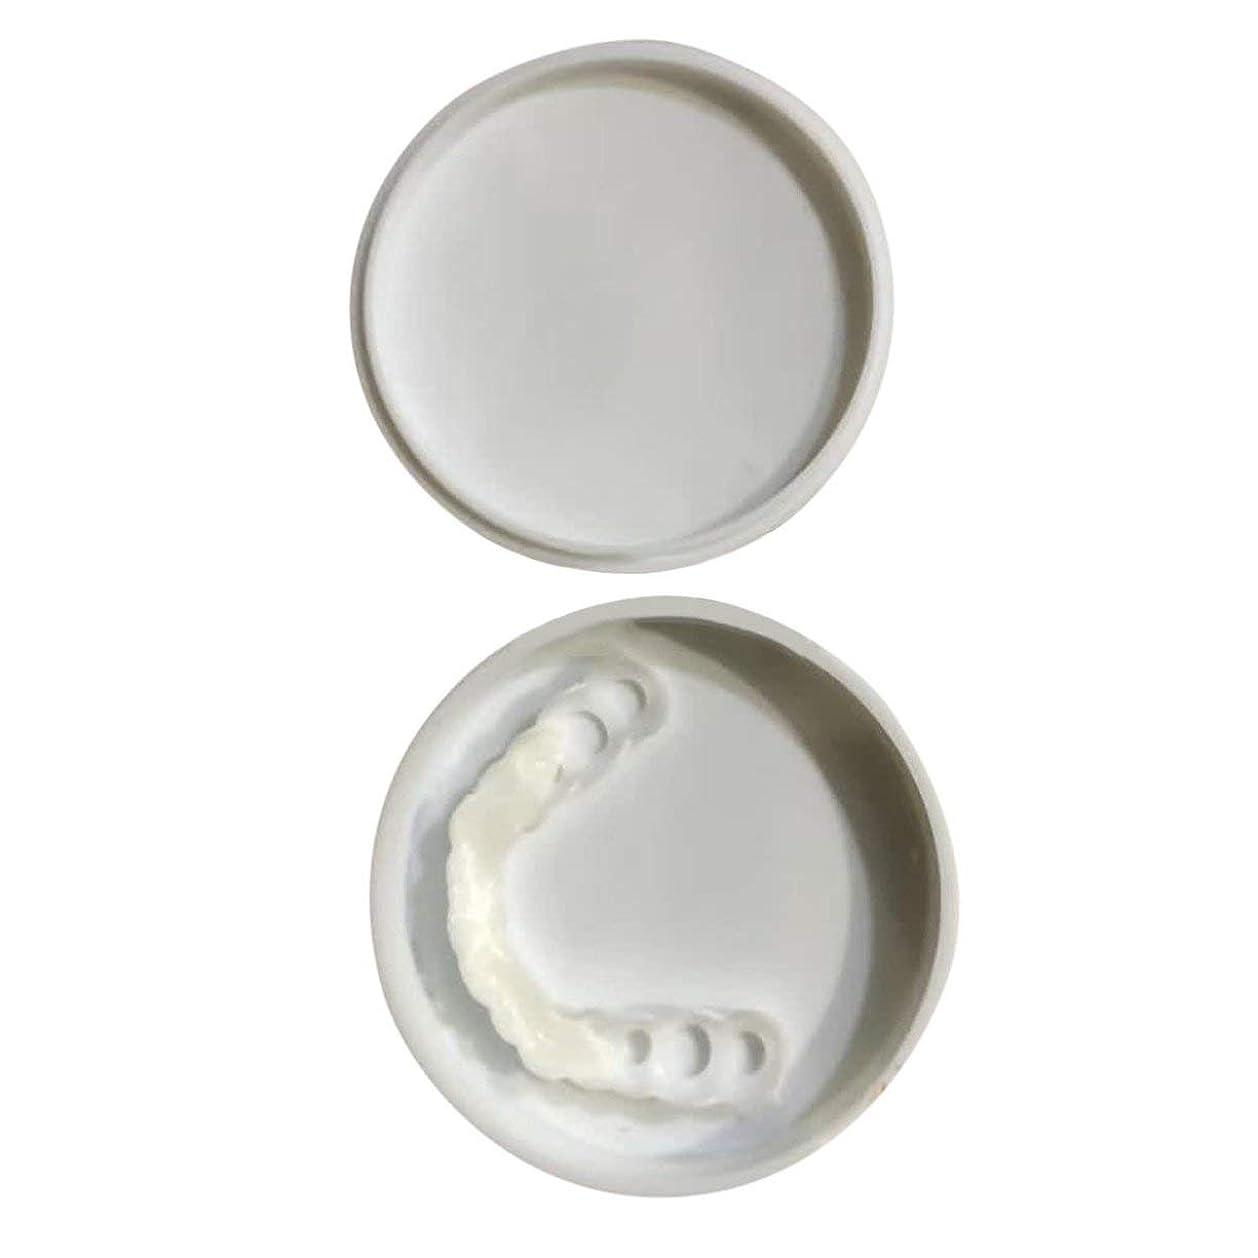 ビールシェトランド諸島思春期の快適なスナップオン男性女性歯インスタントパーフェクトスマイルコンフォートフィットフレックス歯フィットホワイトニング笑顔偽歯カバー - ホワイト